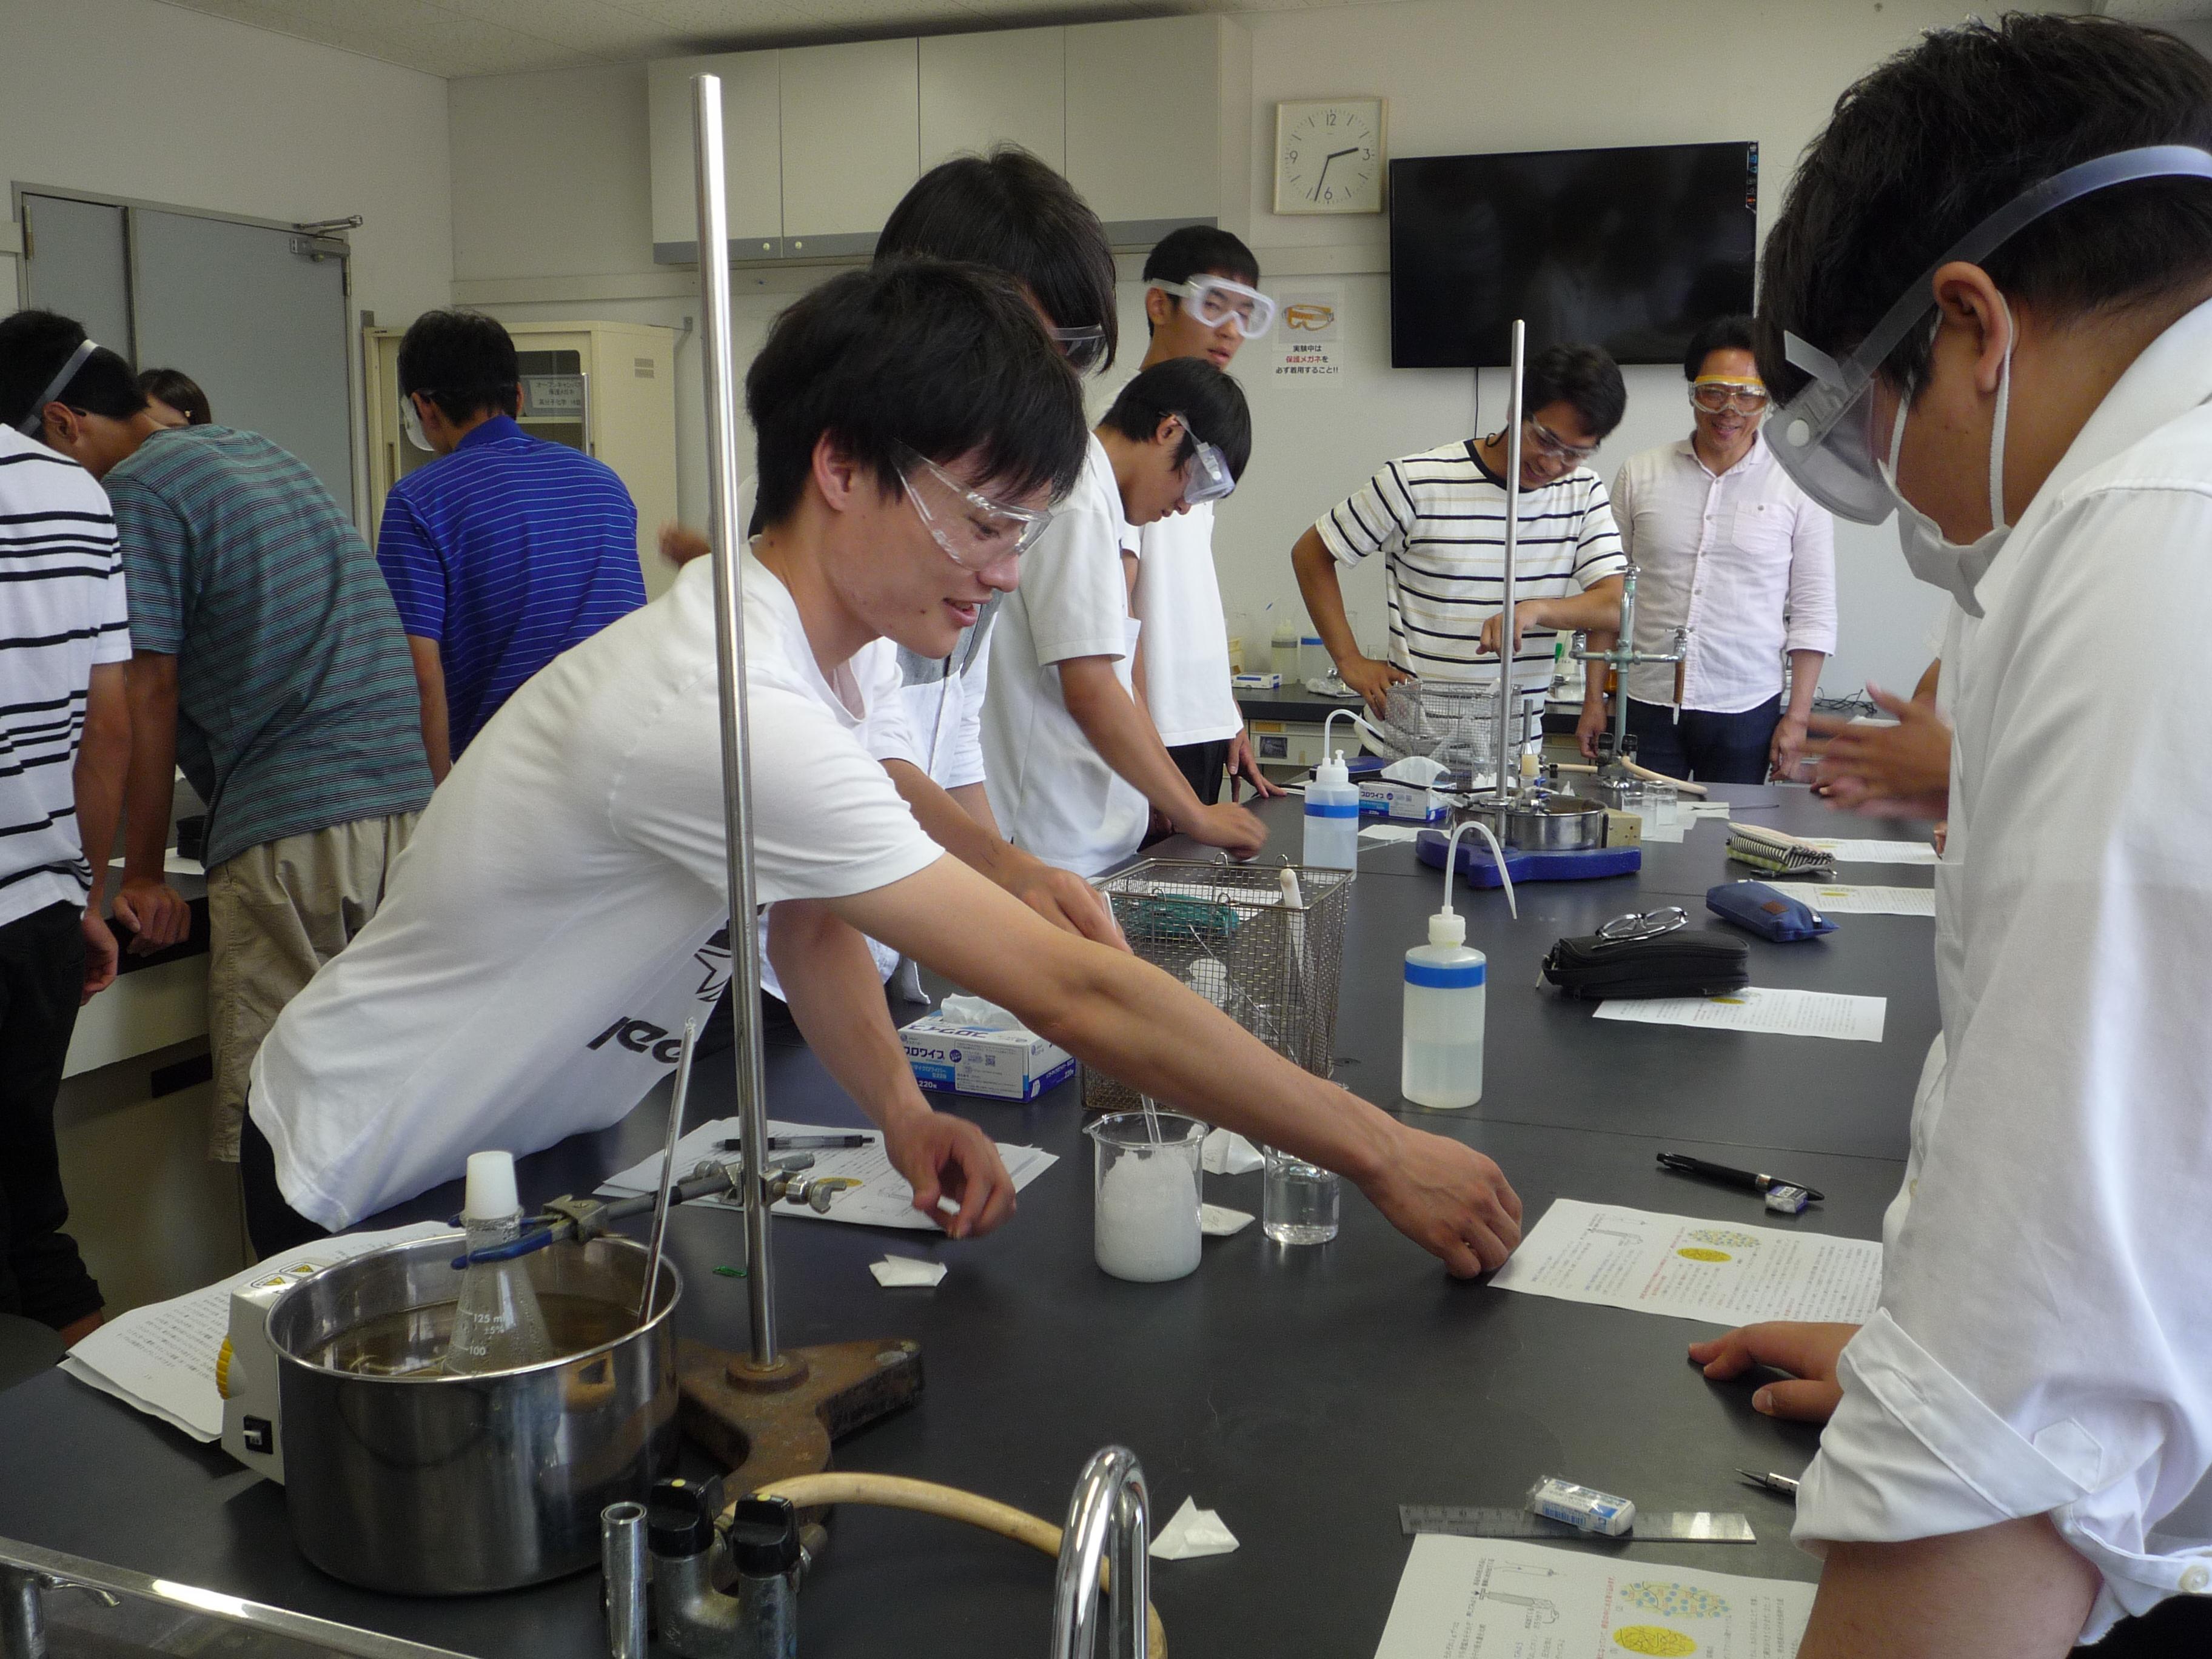 応用化学科の学科体験「水を吸収する不思議な高分子」の実験の様子です。